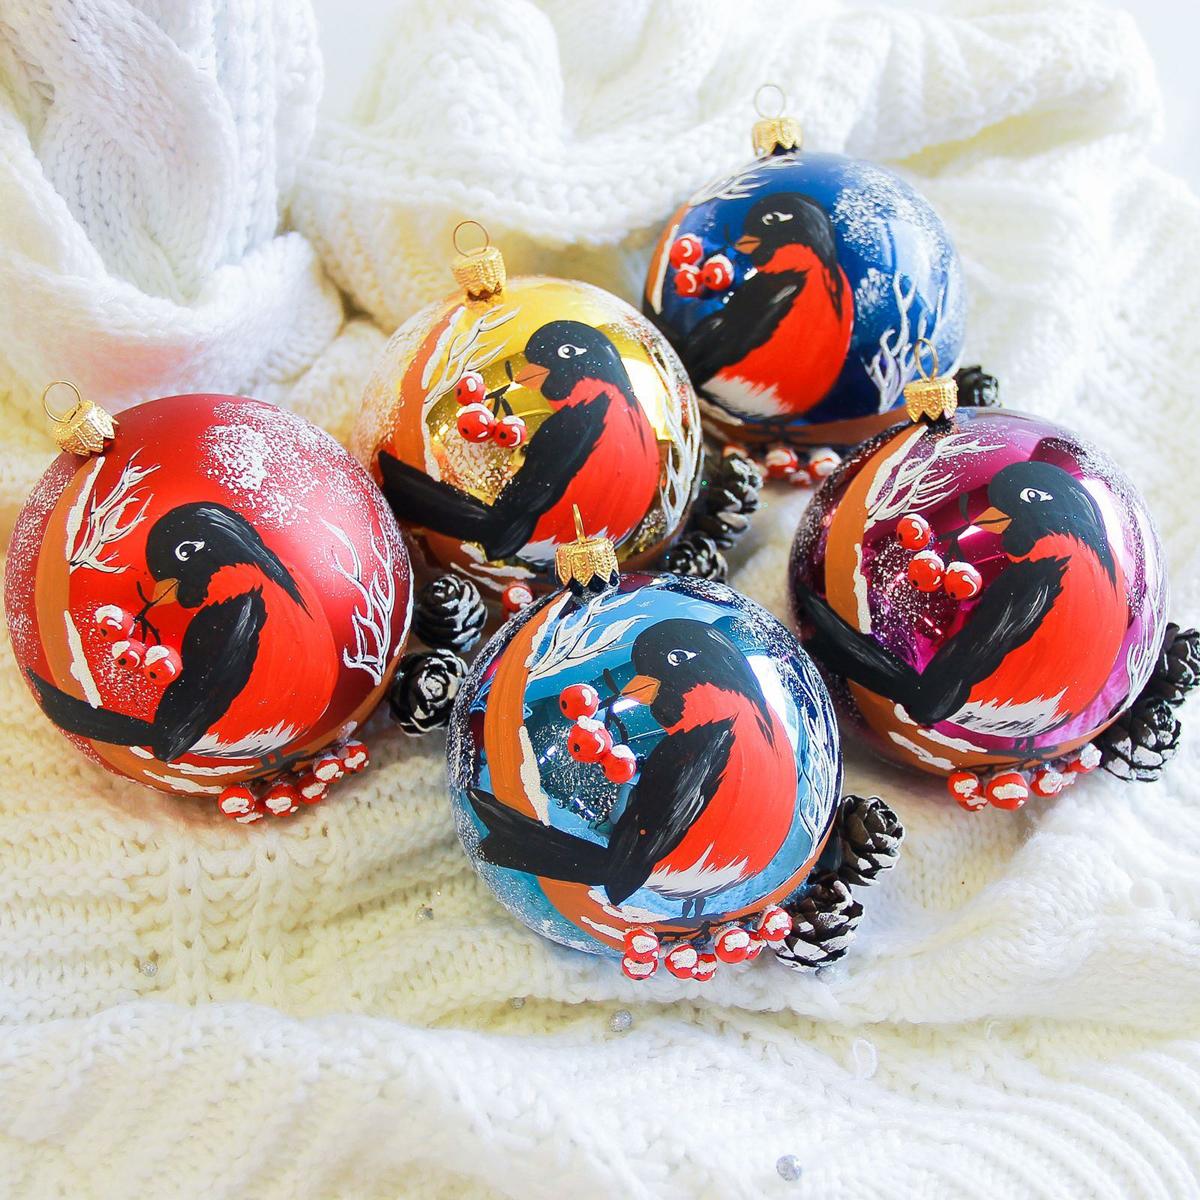 Украшение новогоднее елочное Иней Снегирь на ветке, диаметр 10 см2555475Новогоднее подвесное украшение Иней отлично подойдет для декорации вашего дома и новогодней ели. Новогоднее украшение можно повесить в любом понравившемся вам месте. Но, конечно, удачнее всего оно будет смотреться на праздничной елке.Елочная игрушка - символ Нового года. Она несет в себе волшебство и красоту праздника. Такое украшение создаст в вашем доме атмосферу праздника, веселья и радости.